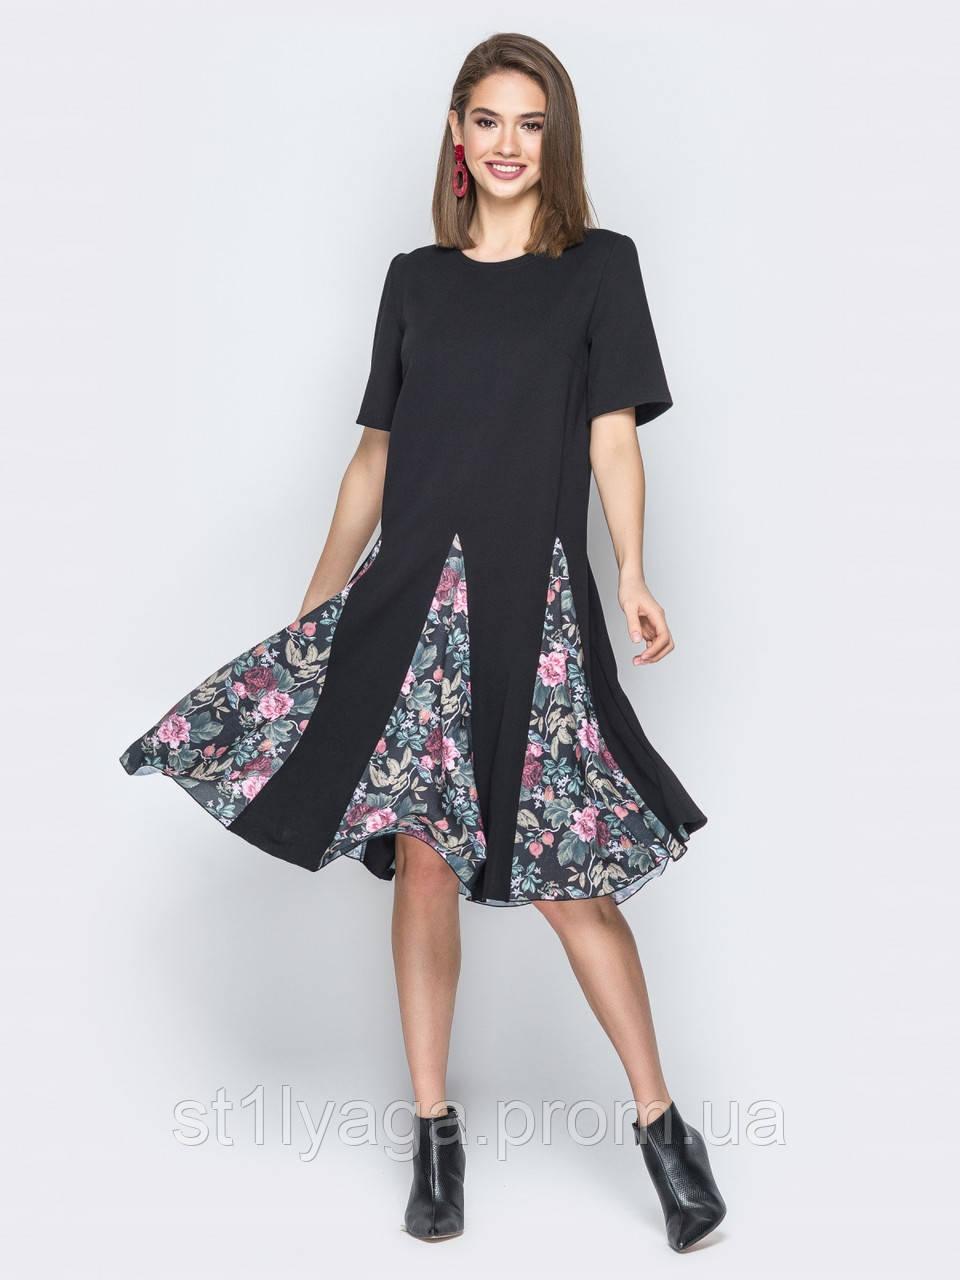 Платье повседневное с цветочными вставками на юбке и короткими рукавами черное